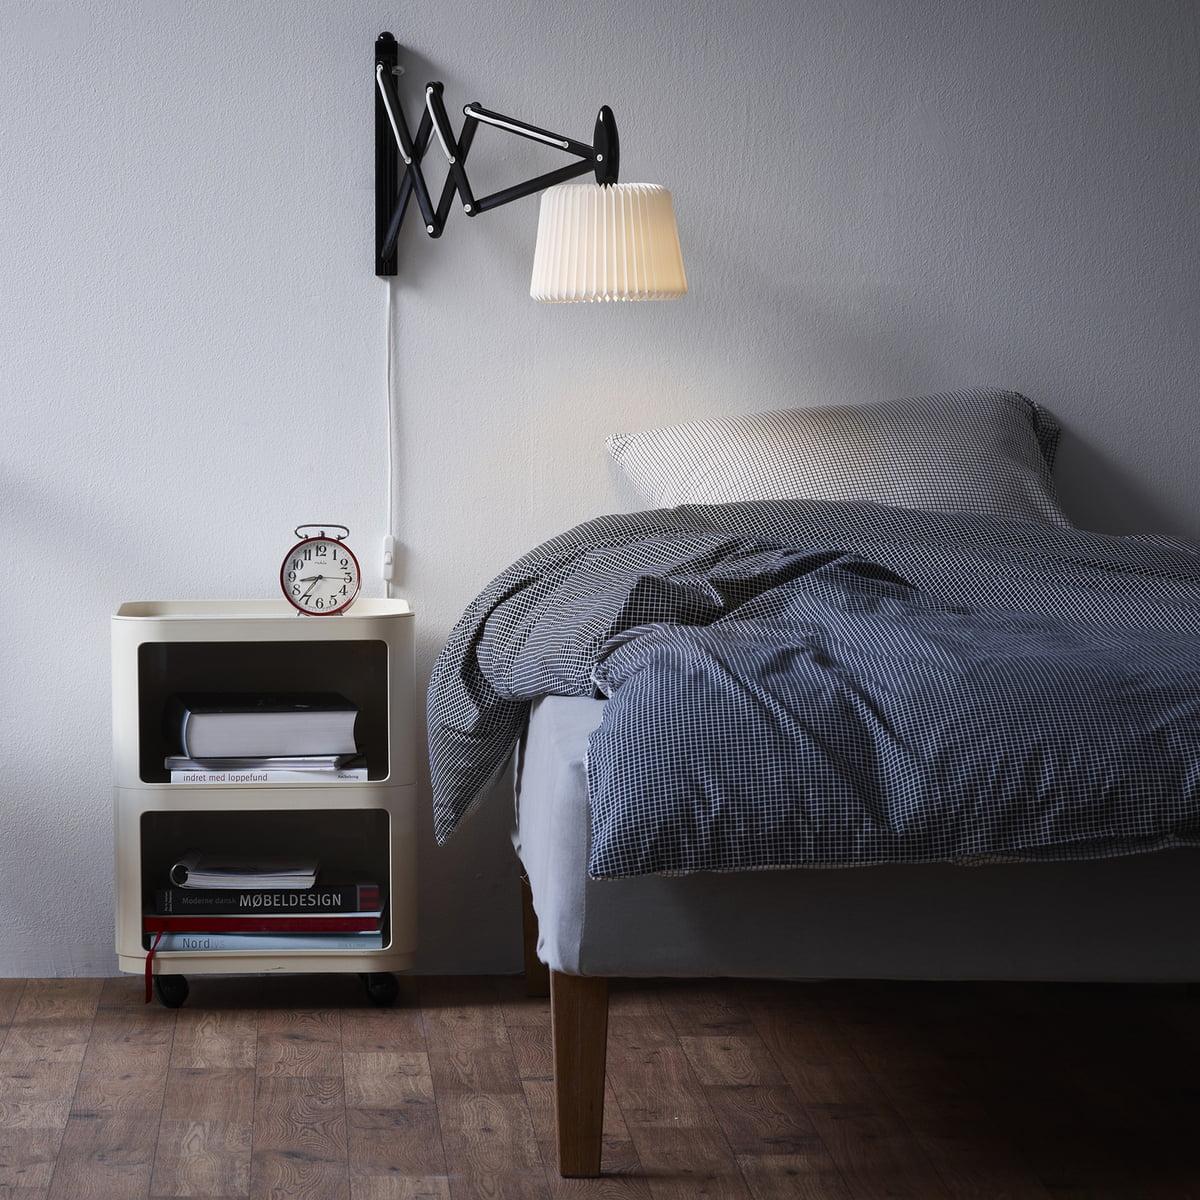 Full Size of Schlafzimmer Wandlampen Moderne Fhren Einen Sitlvollen Effekt In Den Raum Ein Gardinen Für Komplett Poco Klimagerät Set Mit Boxspringbett Teppich überbau Wohnzimmer Schlafzimmer Wandlampen